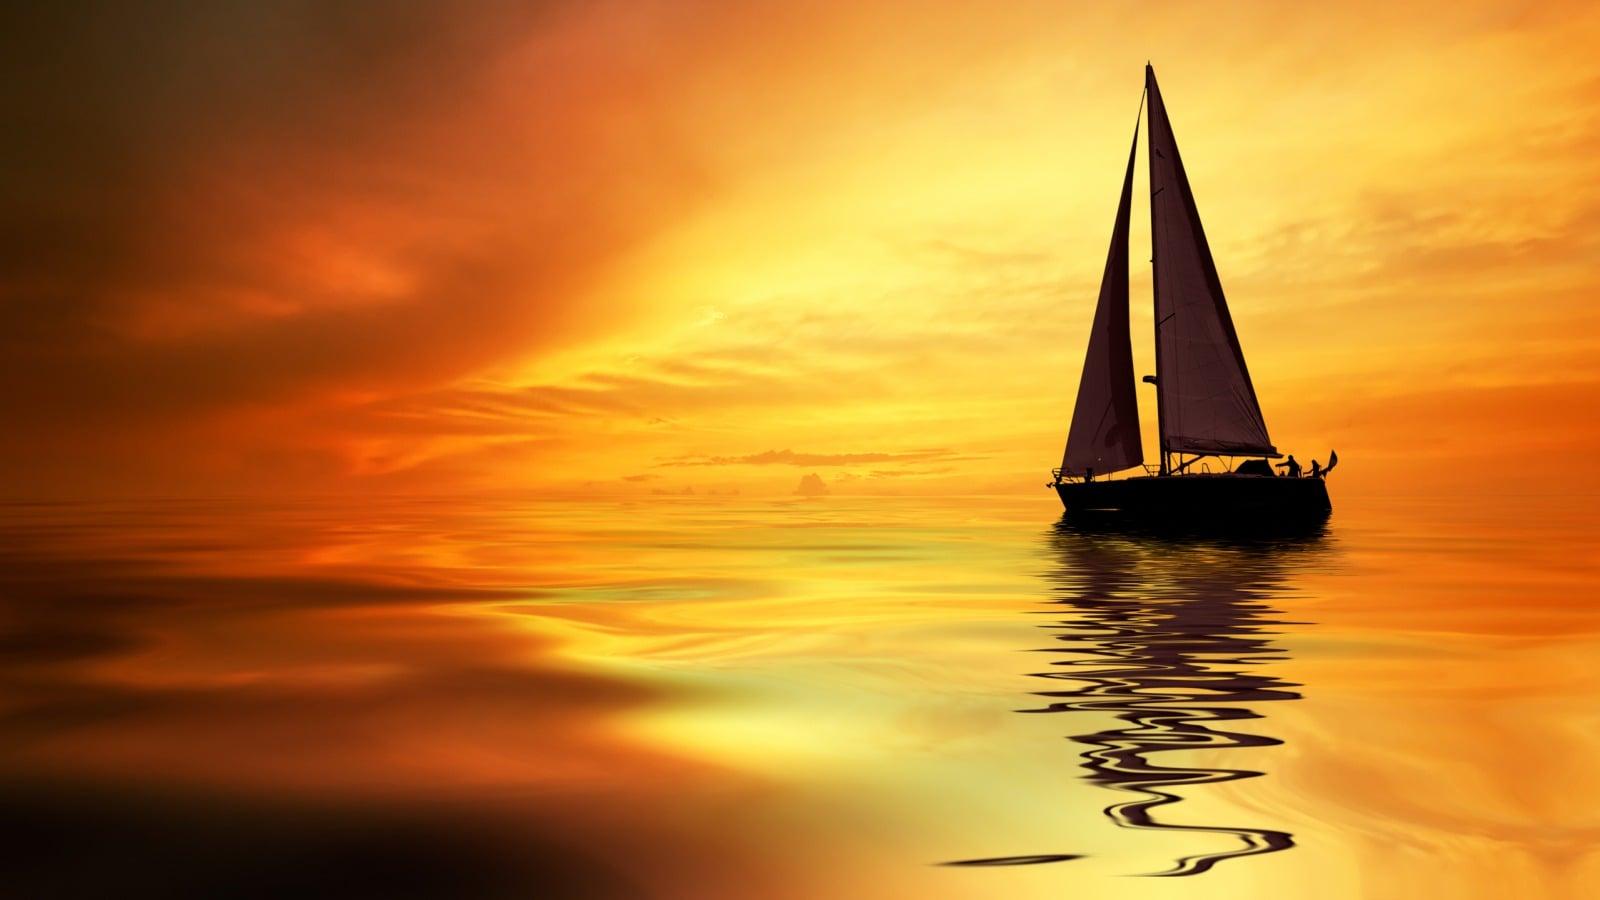 Hình ảnh \u201c chiếc thuyền ngoài xa\u201d: Với Phùng là \u201ccảnh đắt trời cho\u201dnhư bức tranh mực tàu của một danh họa thời cổ \u201cmũi thuyền in một nét mơ hồ ...